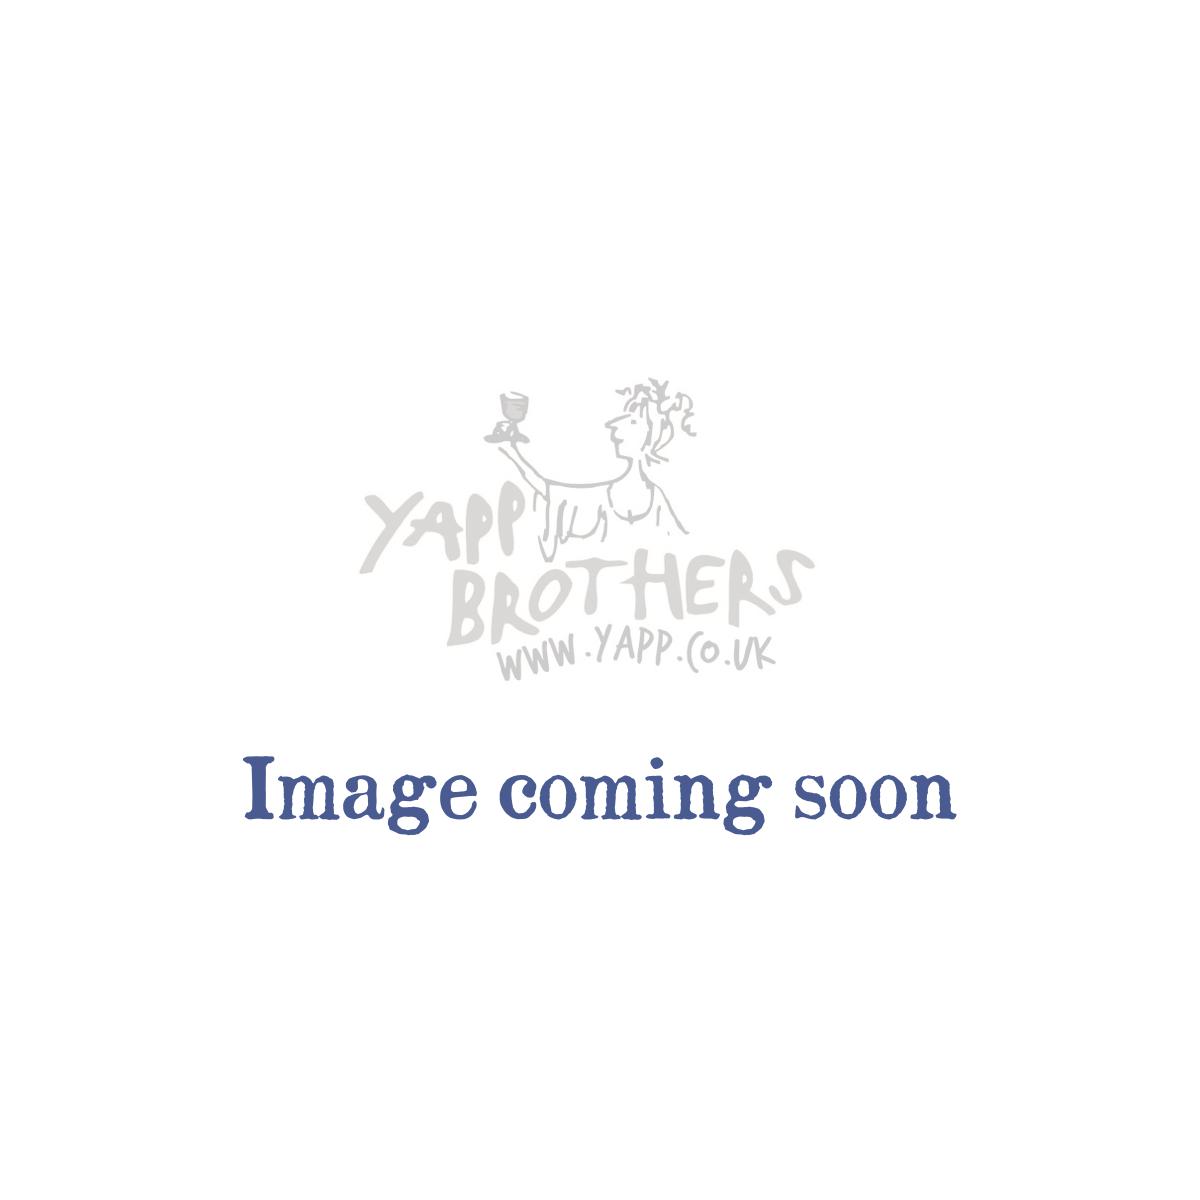 Chassagne-Montrachet: Domaine Bruno Colin Premier Cru 'Les Chaumées' 2018 - Bottle